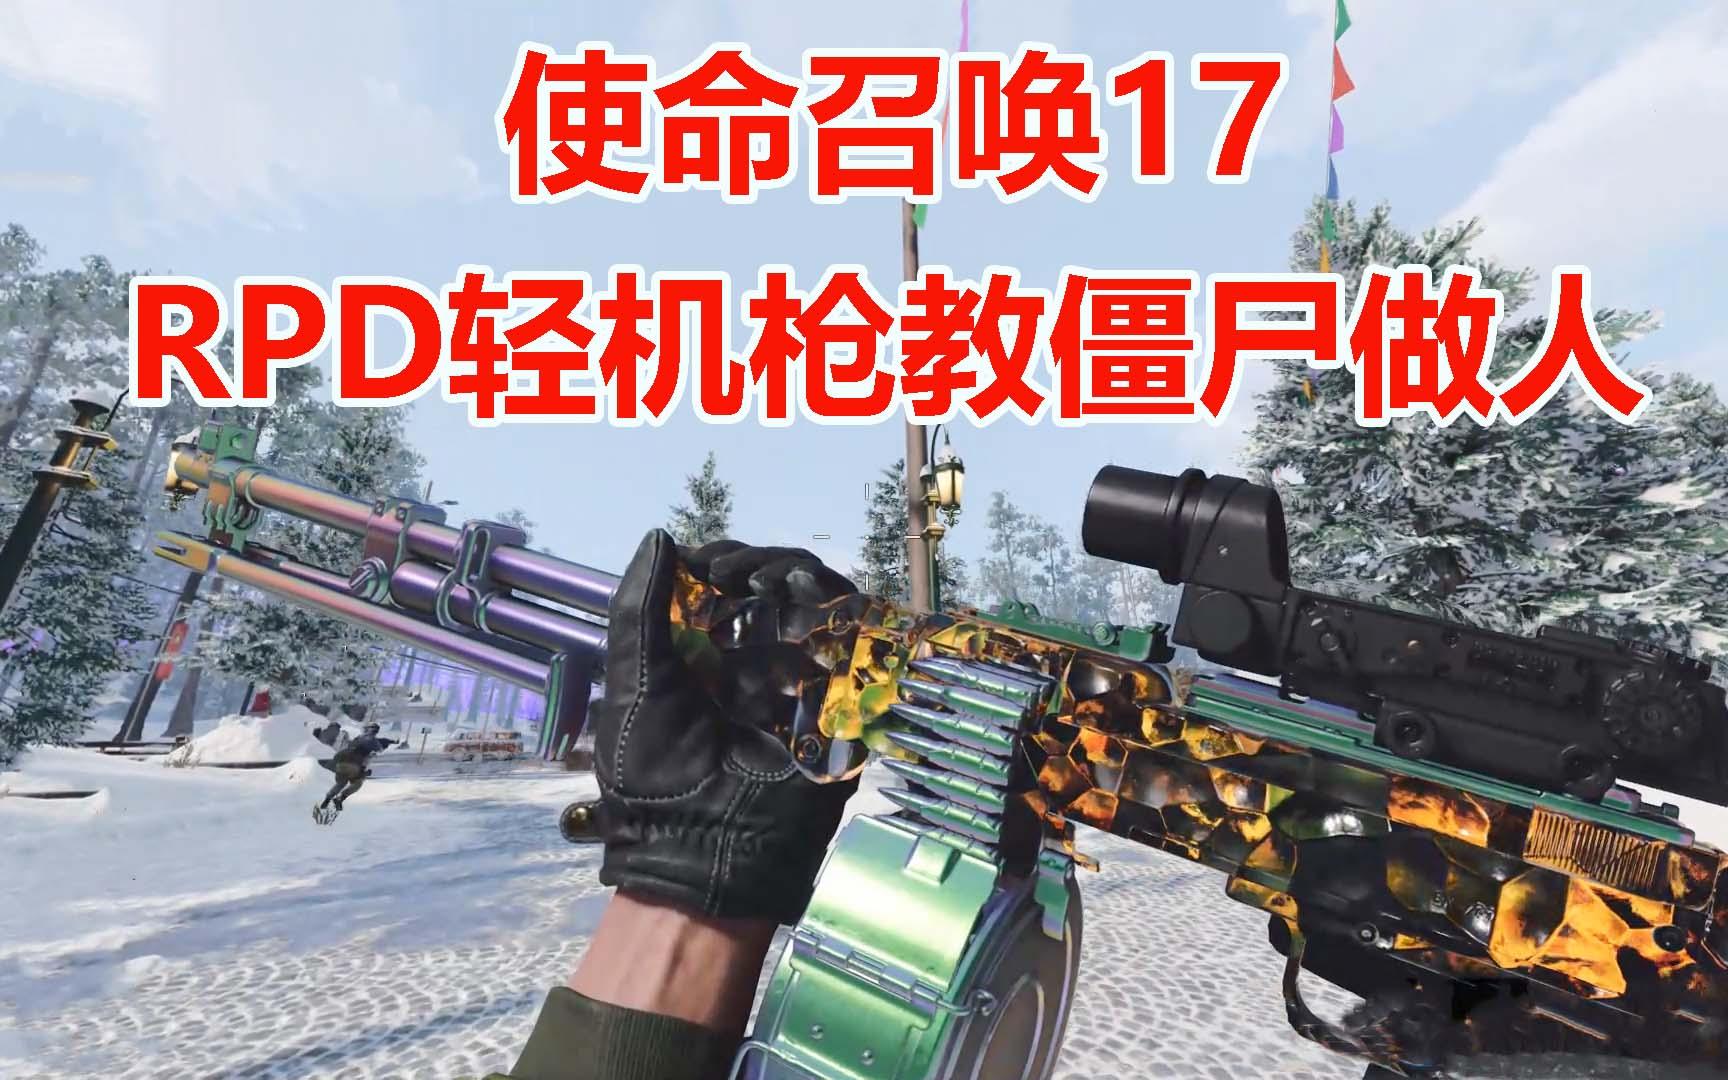 使命召唤17:你只需扣住扳机,接下去就让RPD机枪教僵尸做人